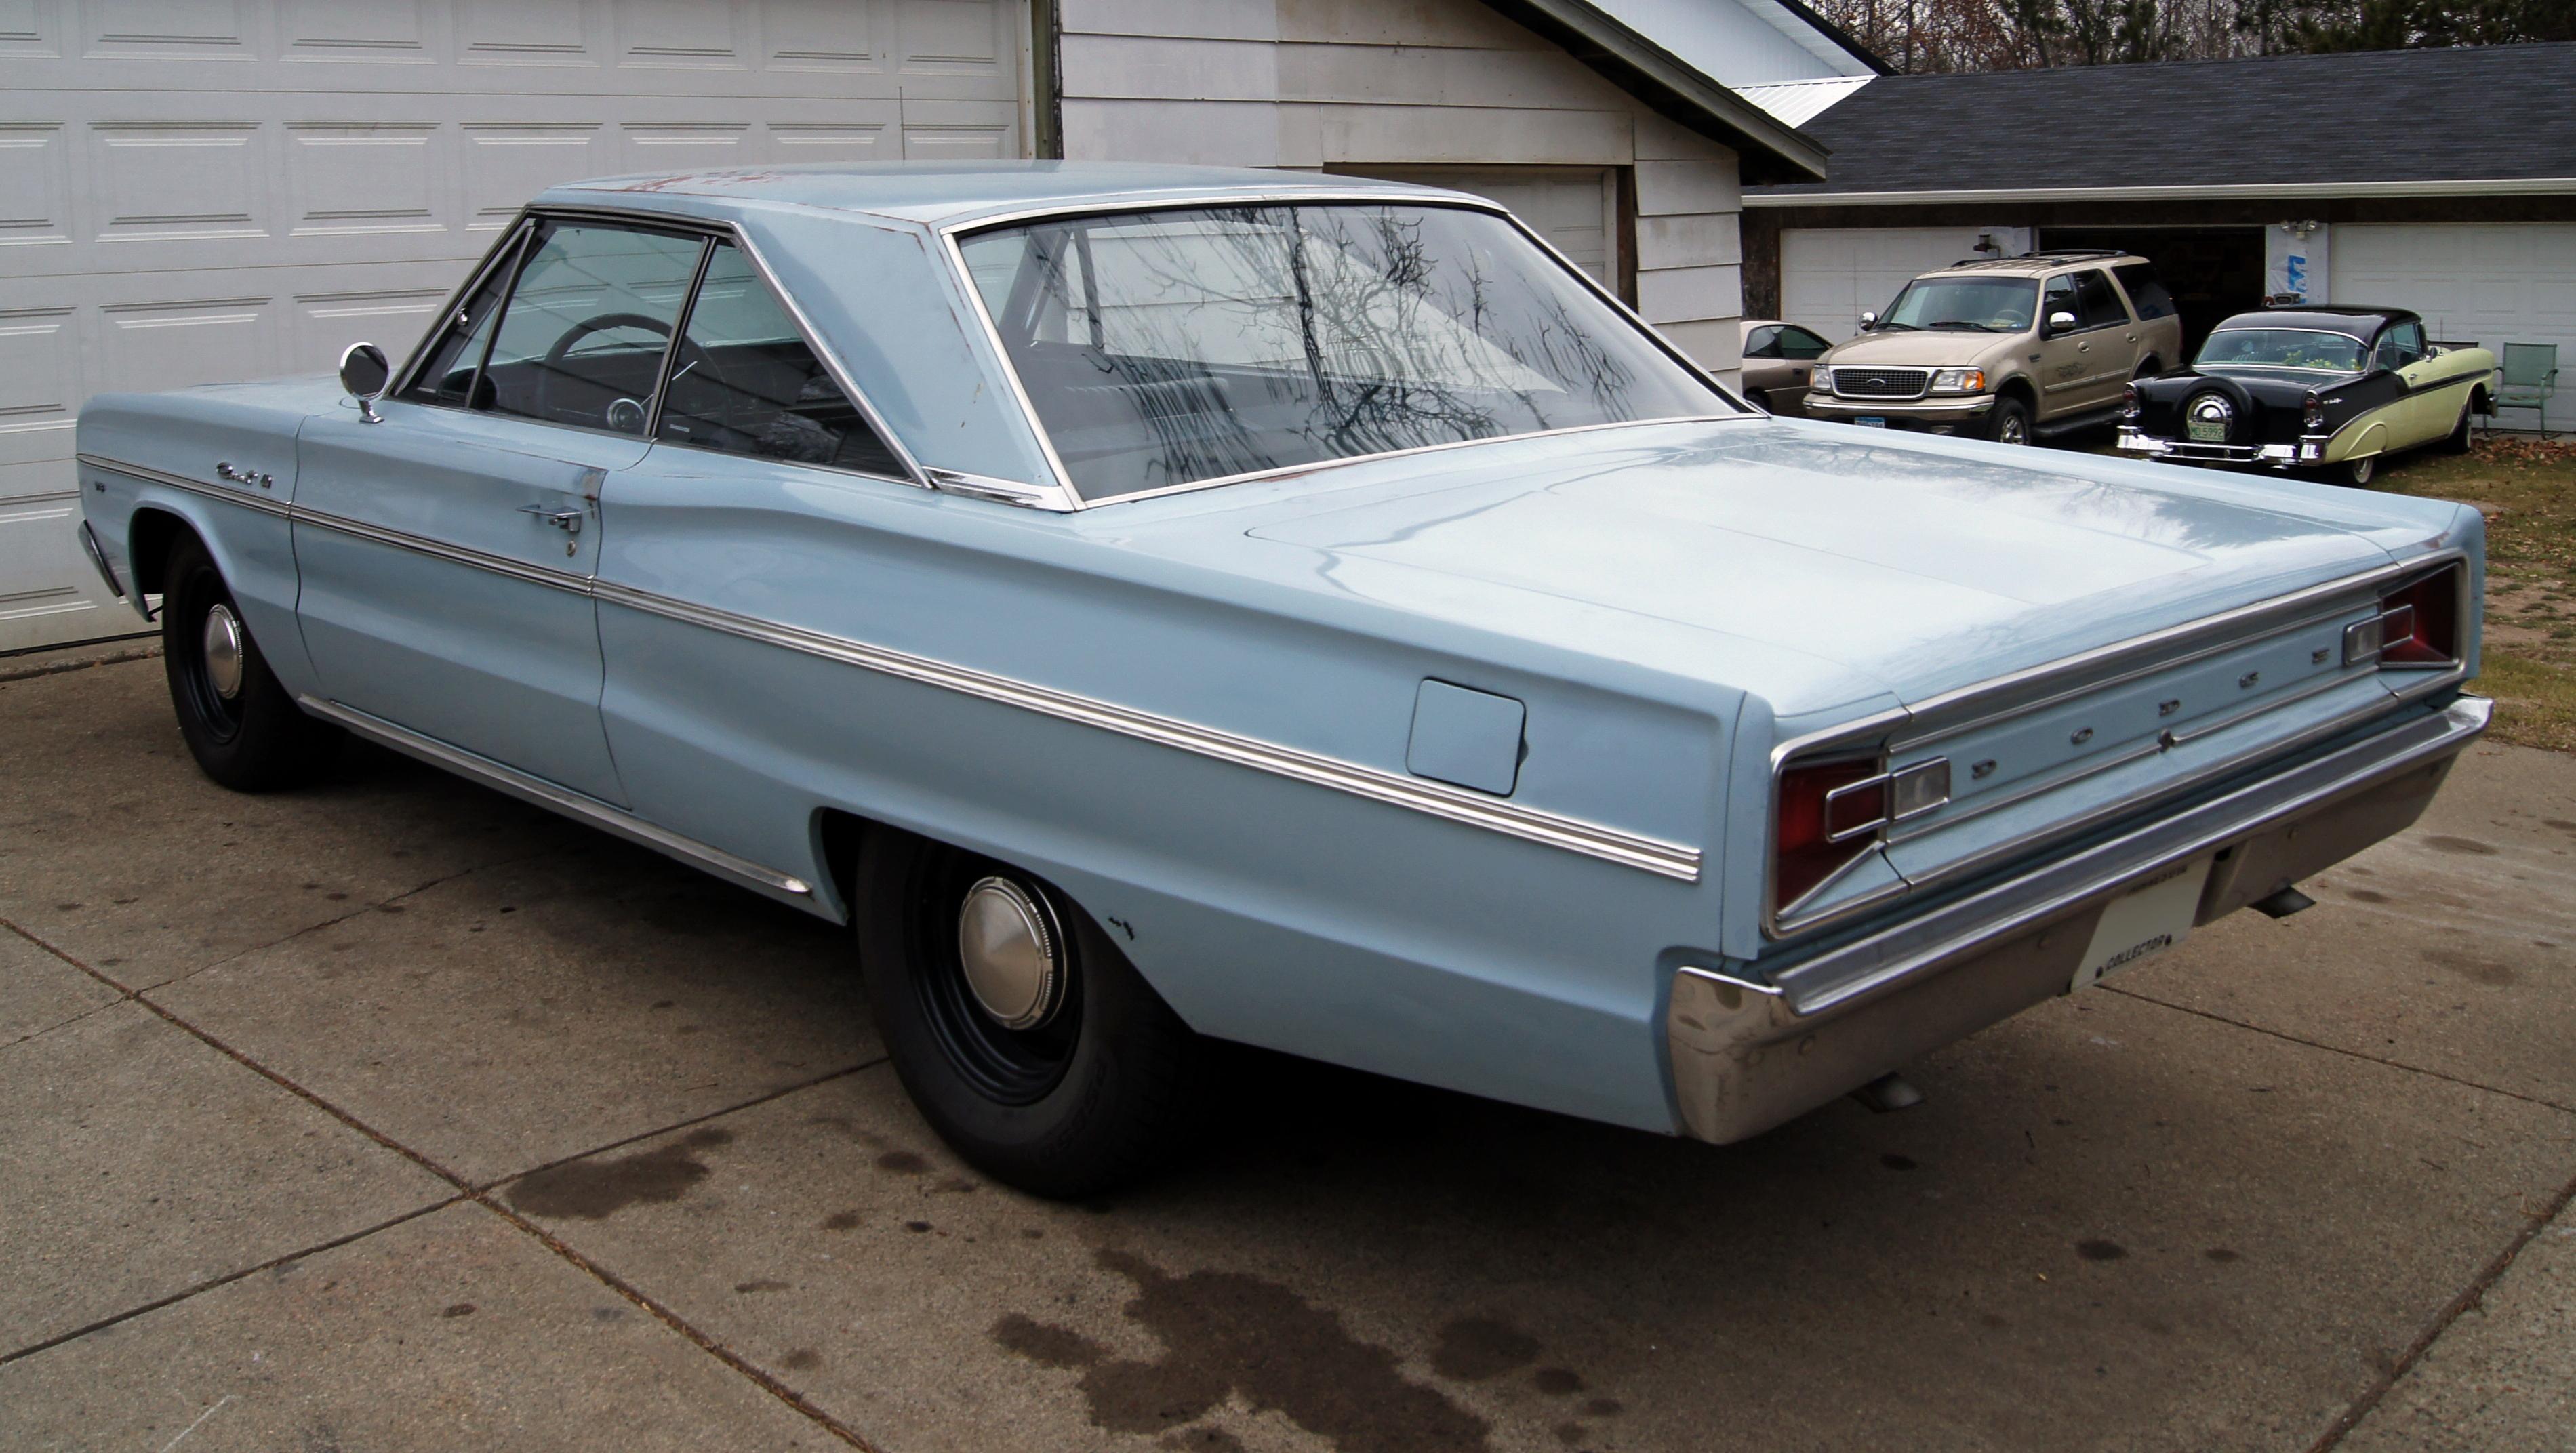 File:1966 Dodge Coronet 440 2dr HT rl.jpg - Wikimedia Commons